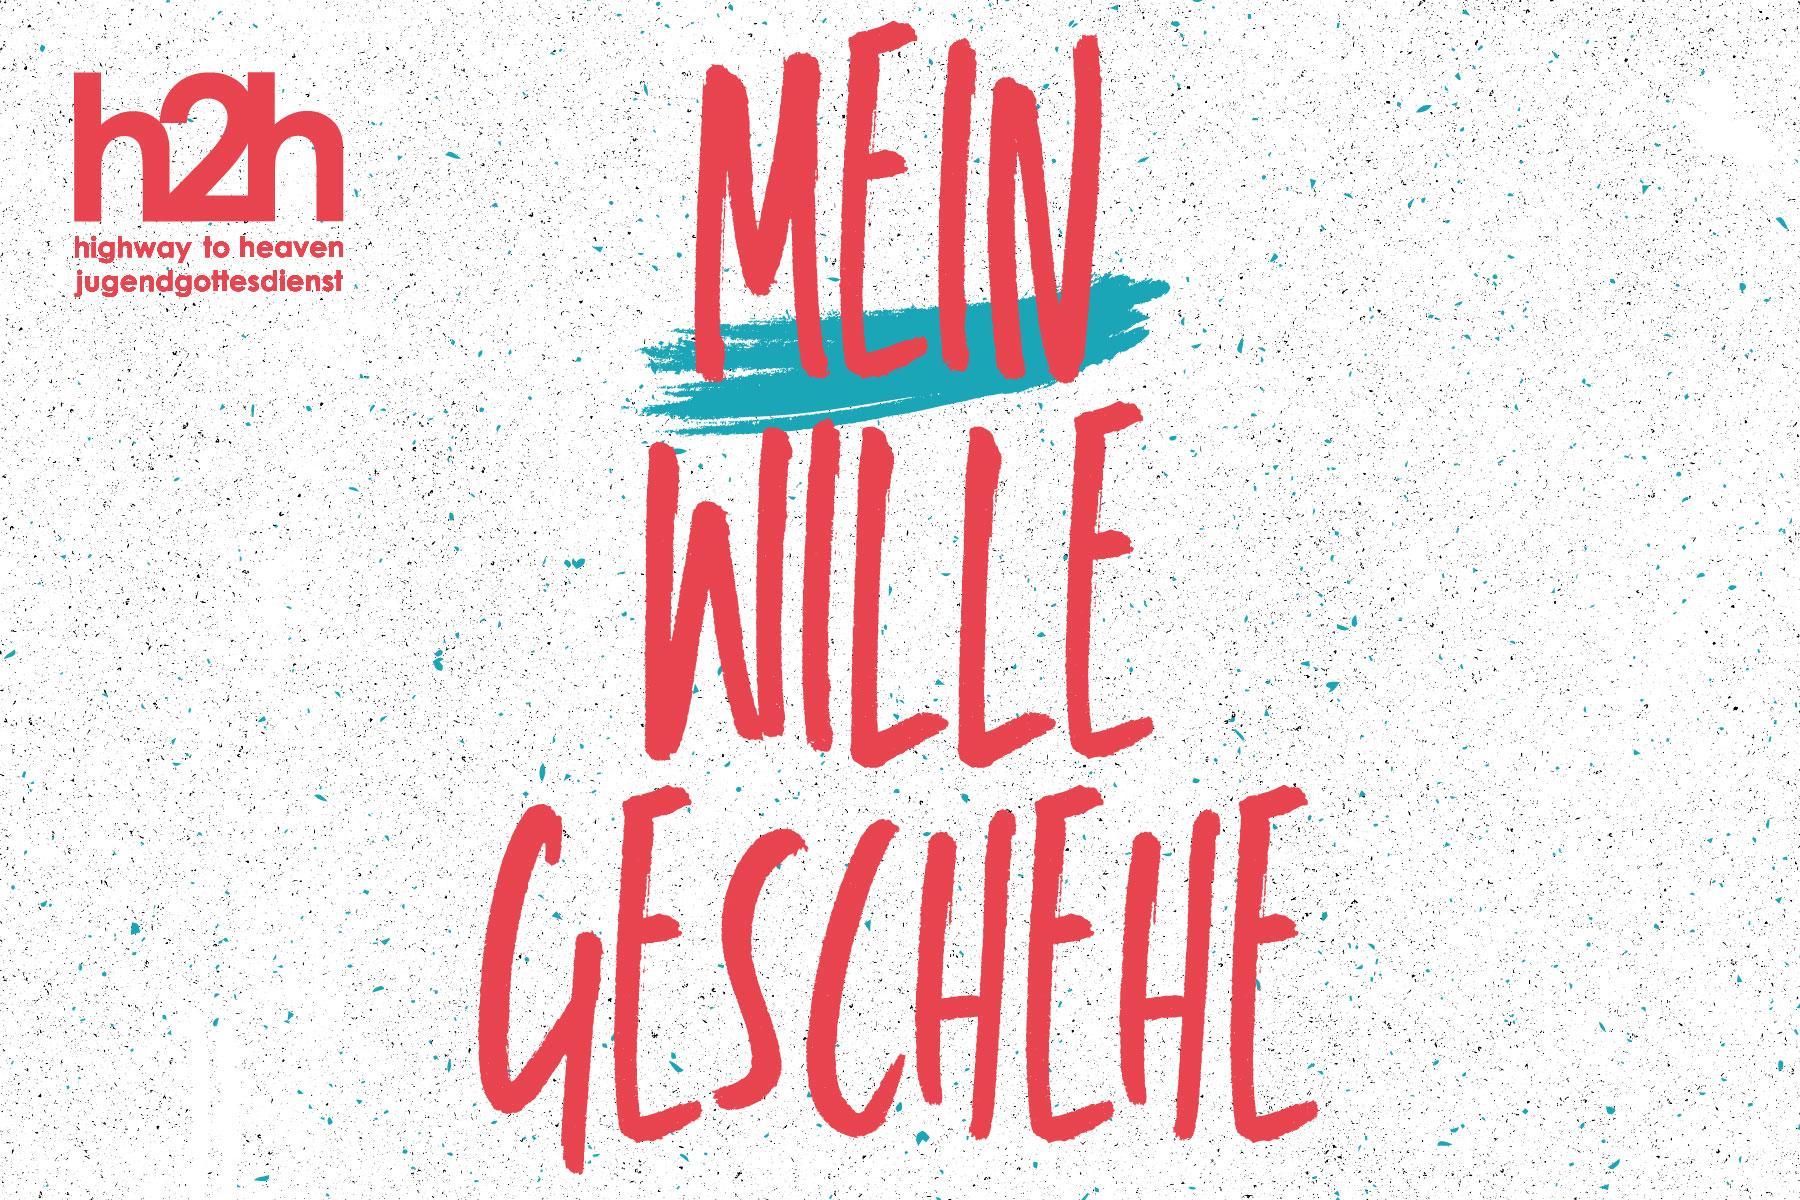 H2H Jugendgottesdienst Mein Wille geschehe Jugendarbeit Kirche Pforzheim Enzkreis Niefern-Öschelbrron Öschelbronn